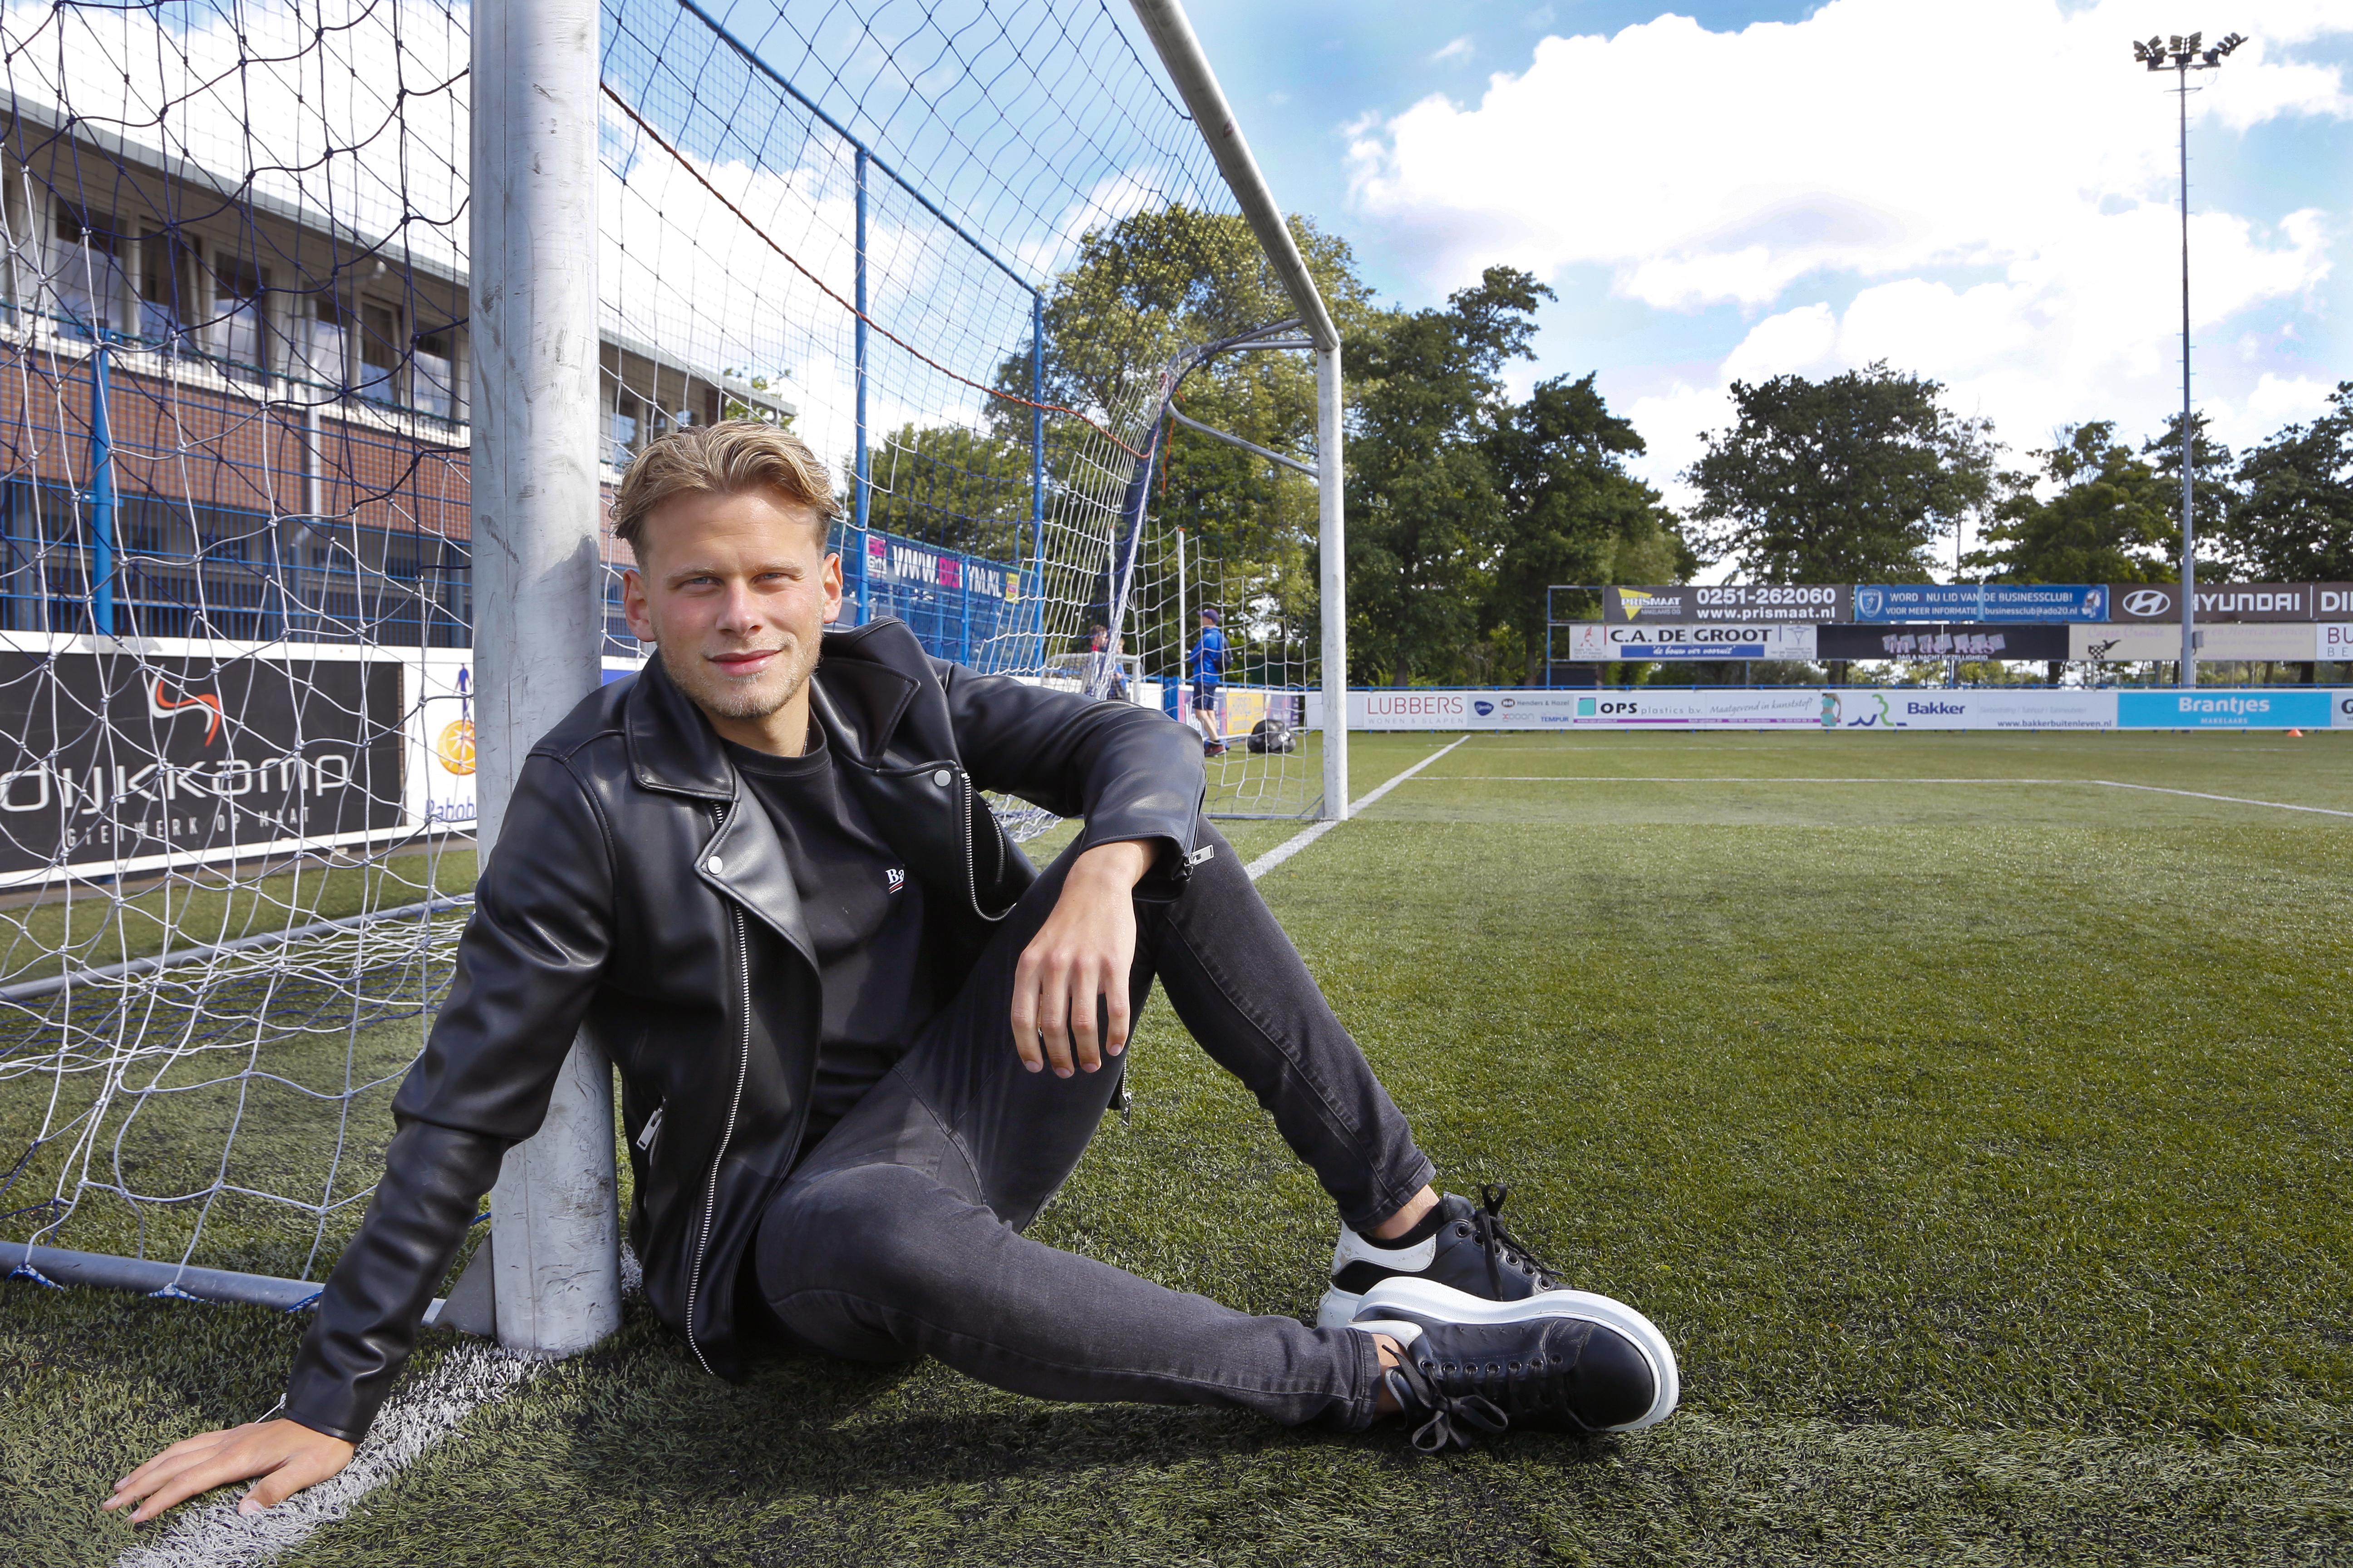 Doelman Björn Haggerty kiest na twee jaar SJC voor avontuur bij ADO'20: 'Lat bewust weer hoger gelegd'